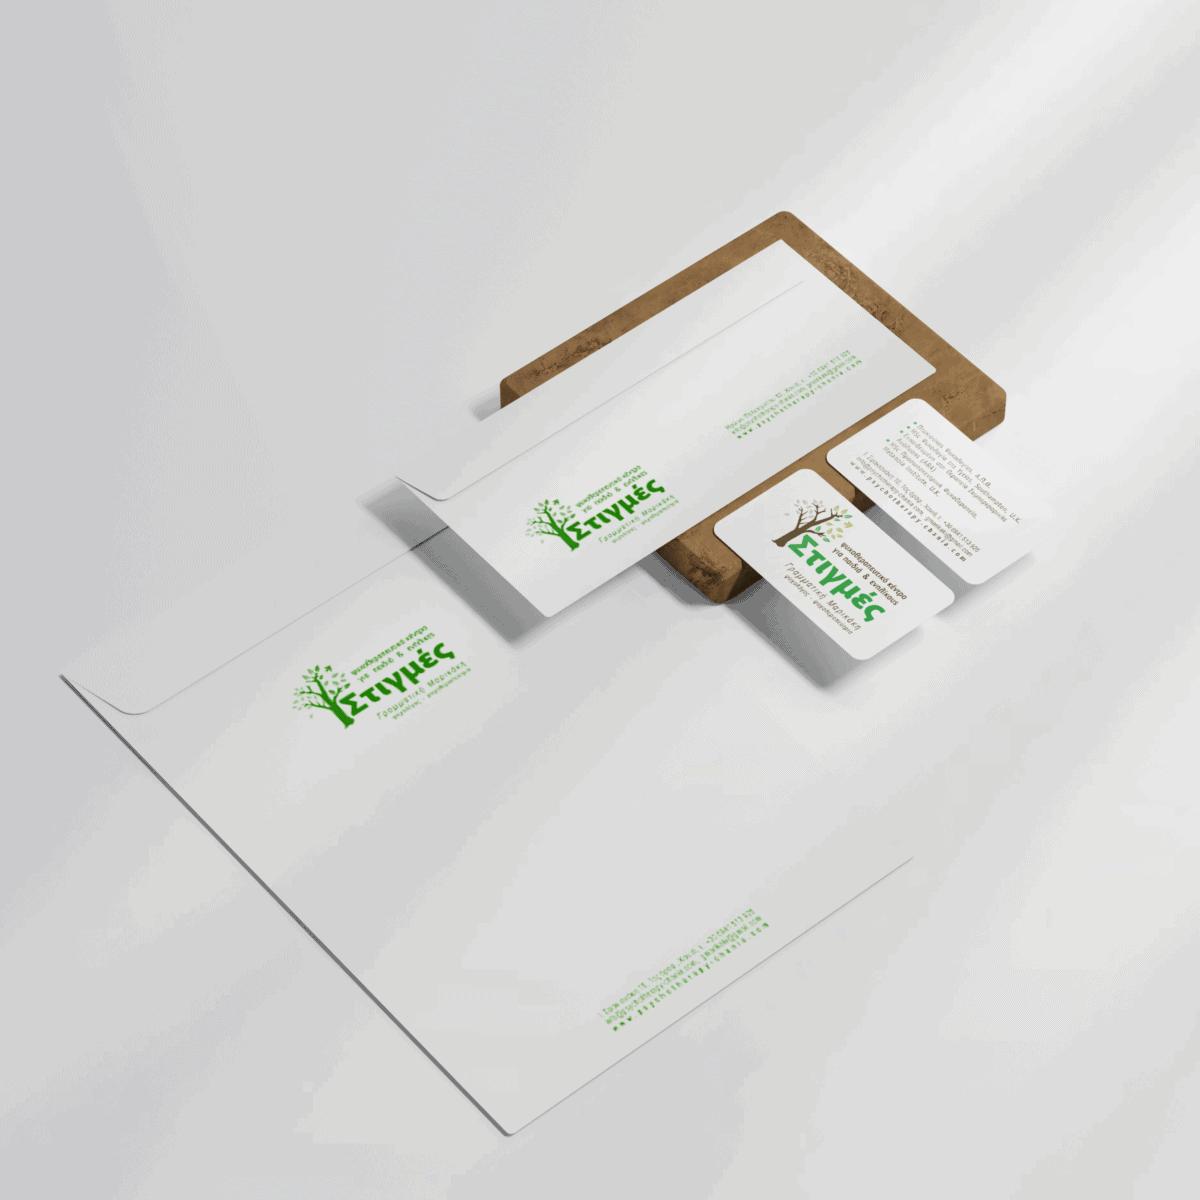 brand-identity-a4-sxediasmos-xania